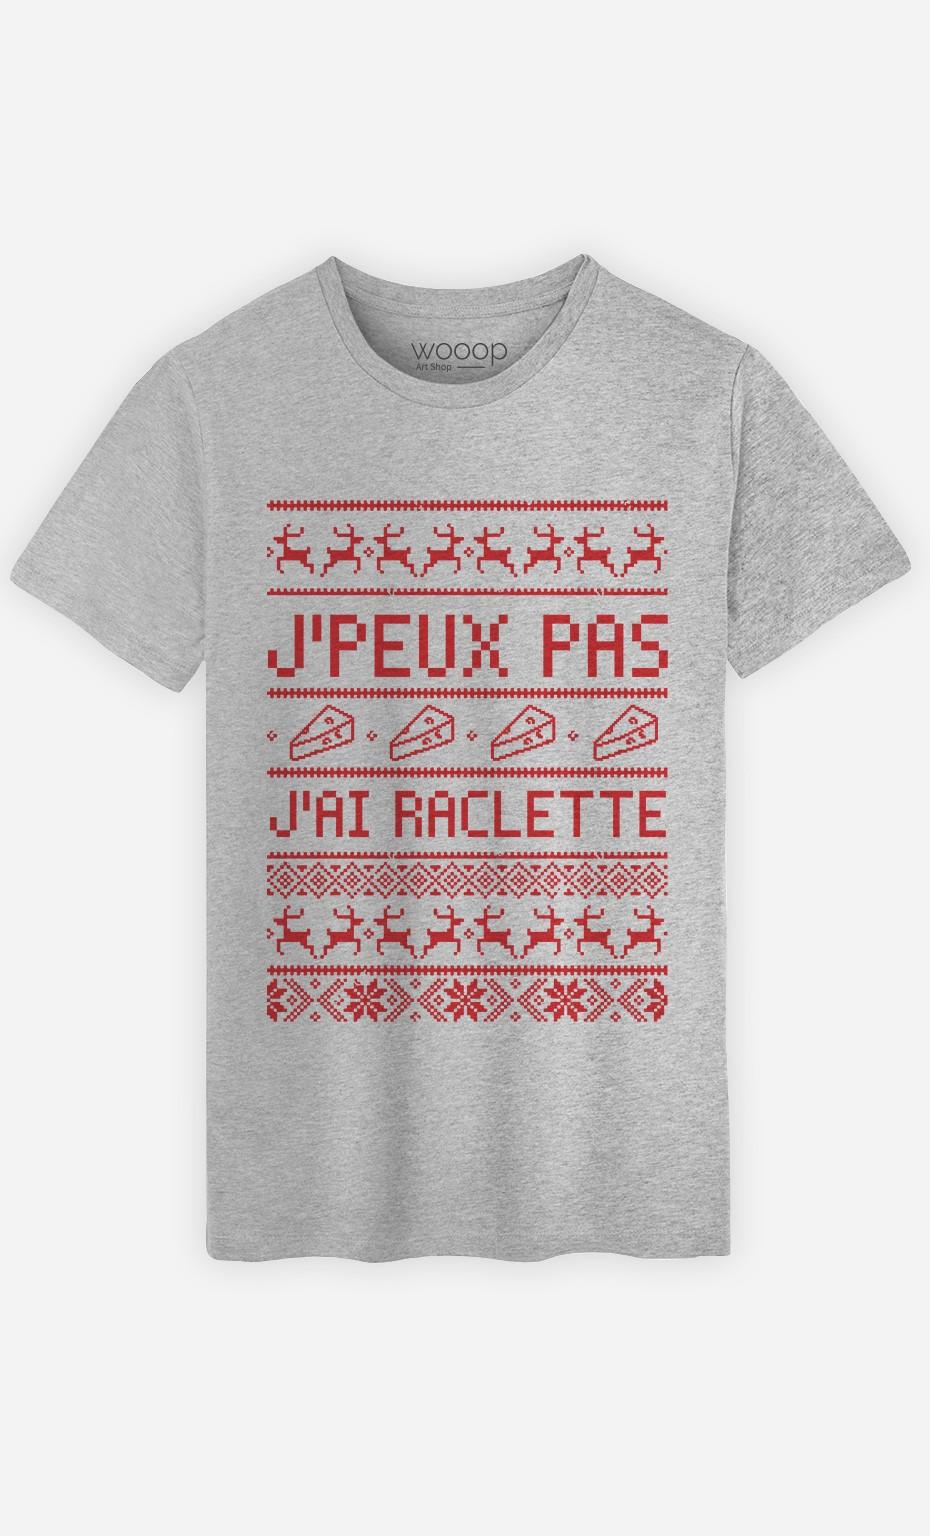 T-Shirt J'peux Pas J'ai Raclette